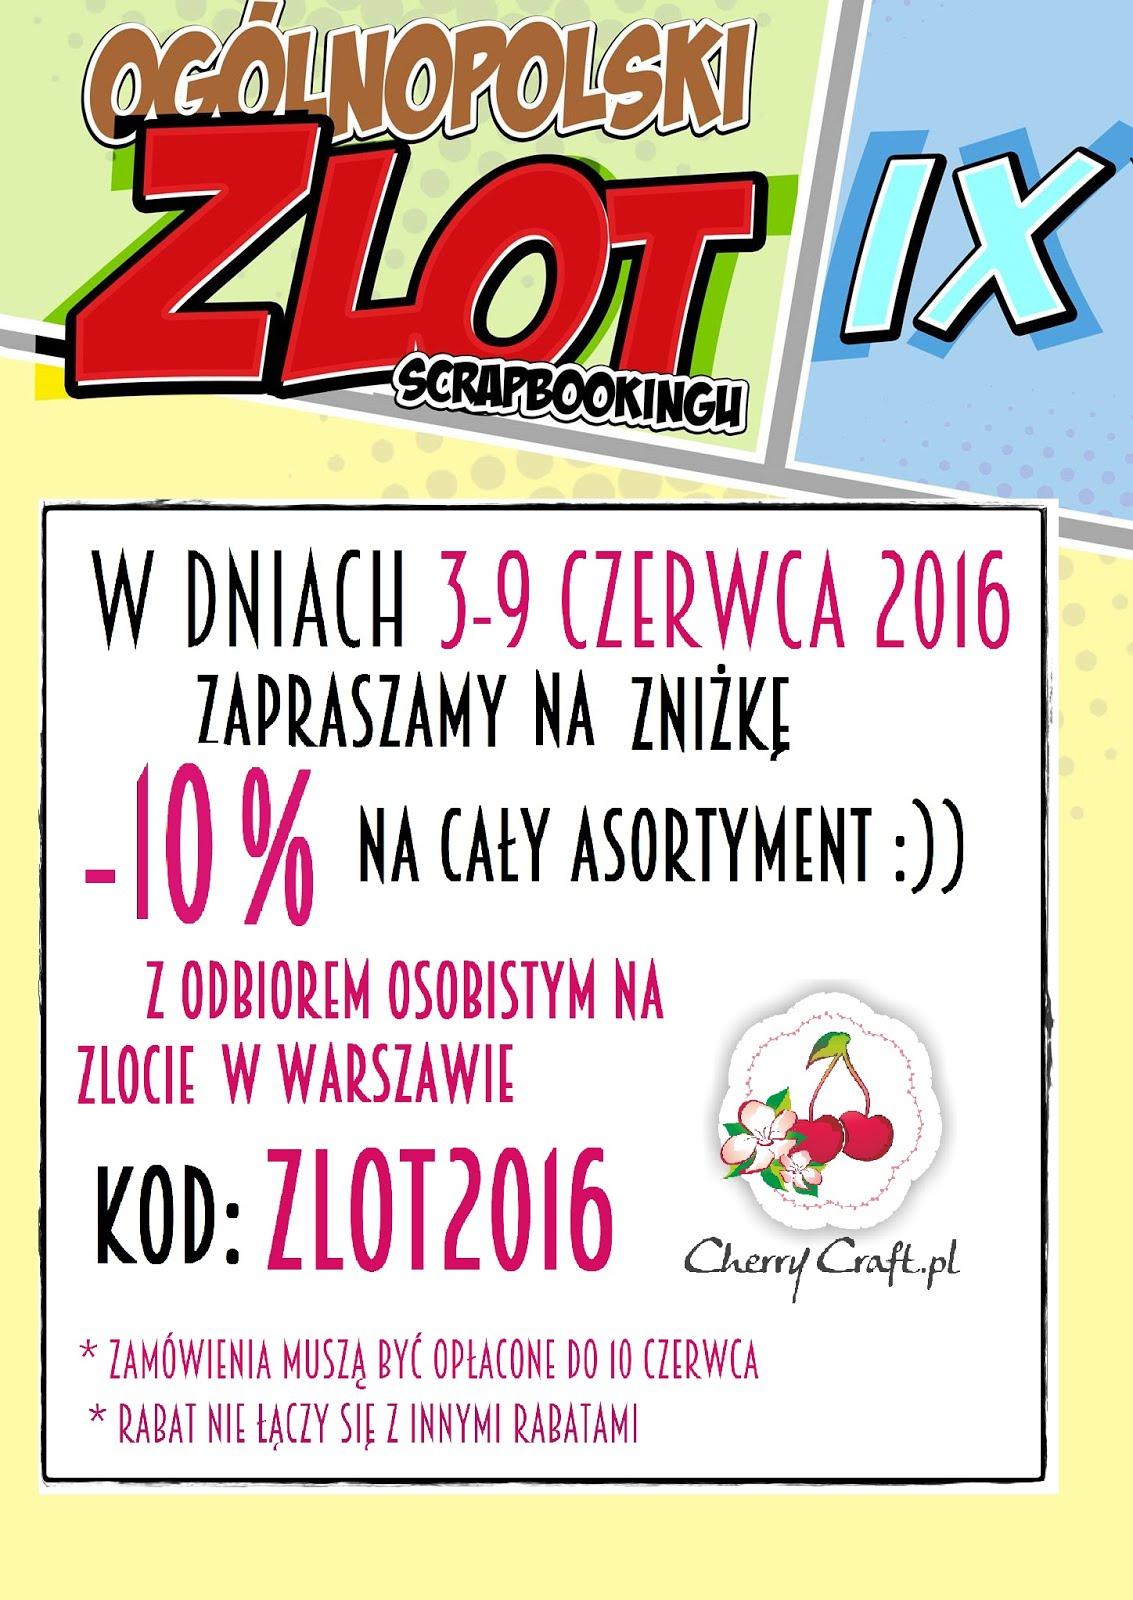 ZLOT w WARSZAWIE - 11.06.2016